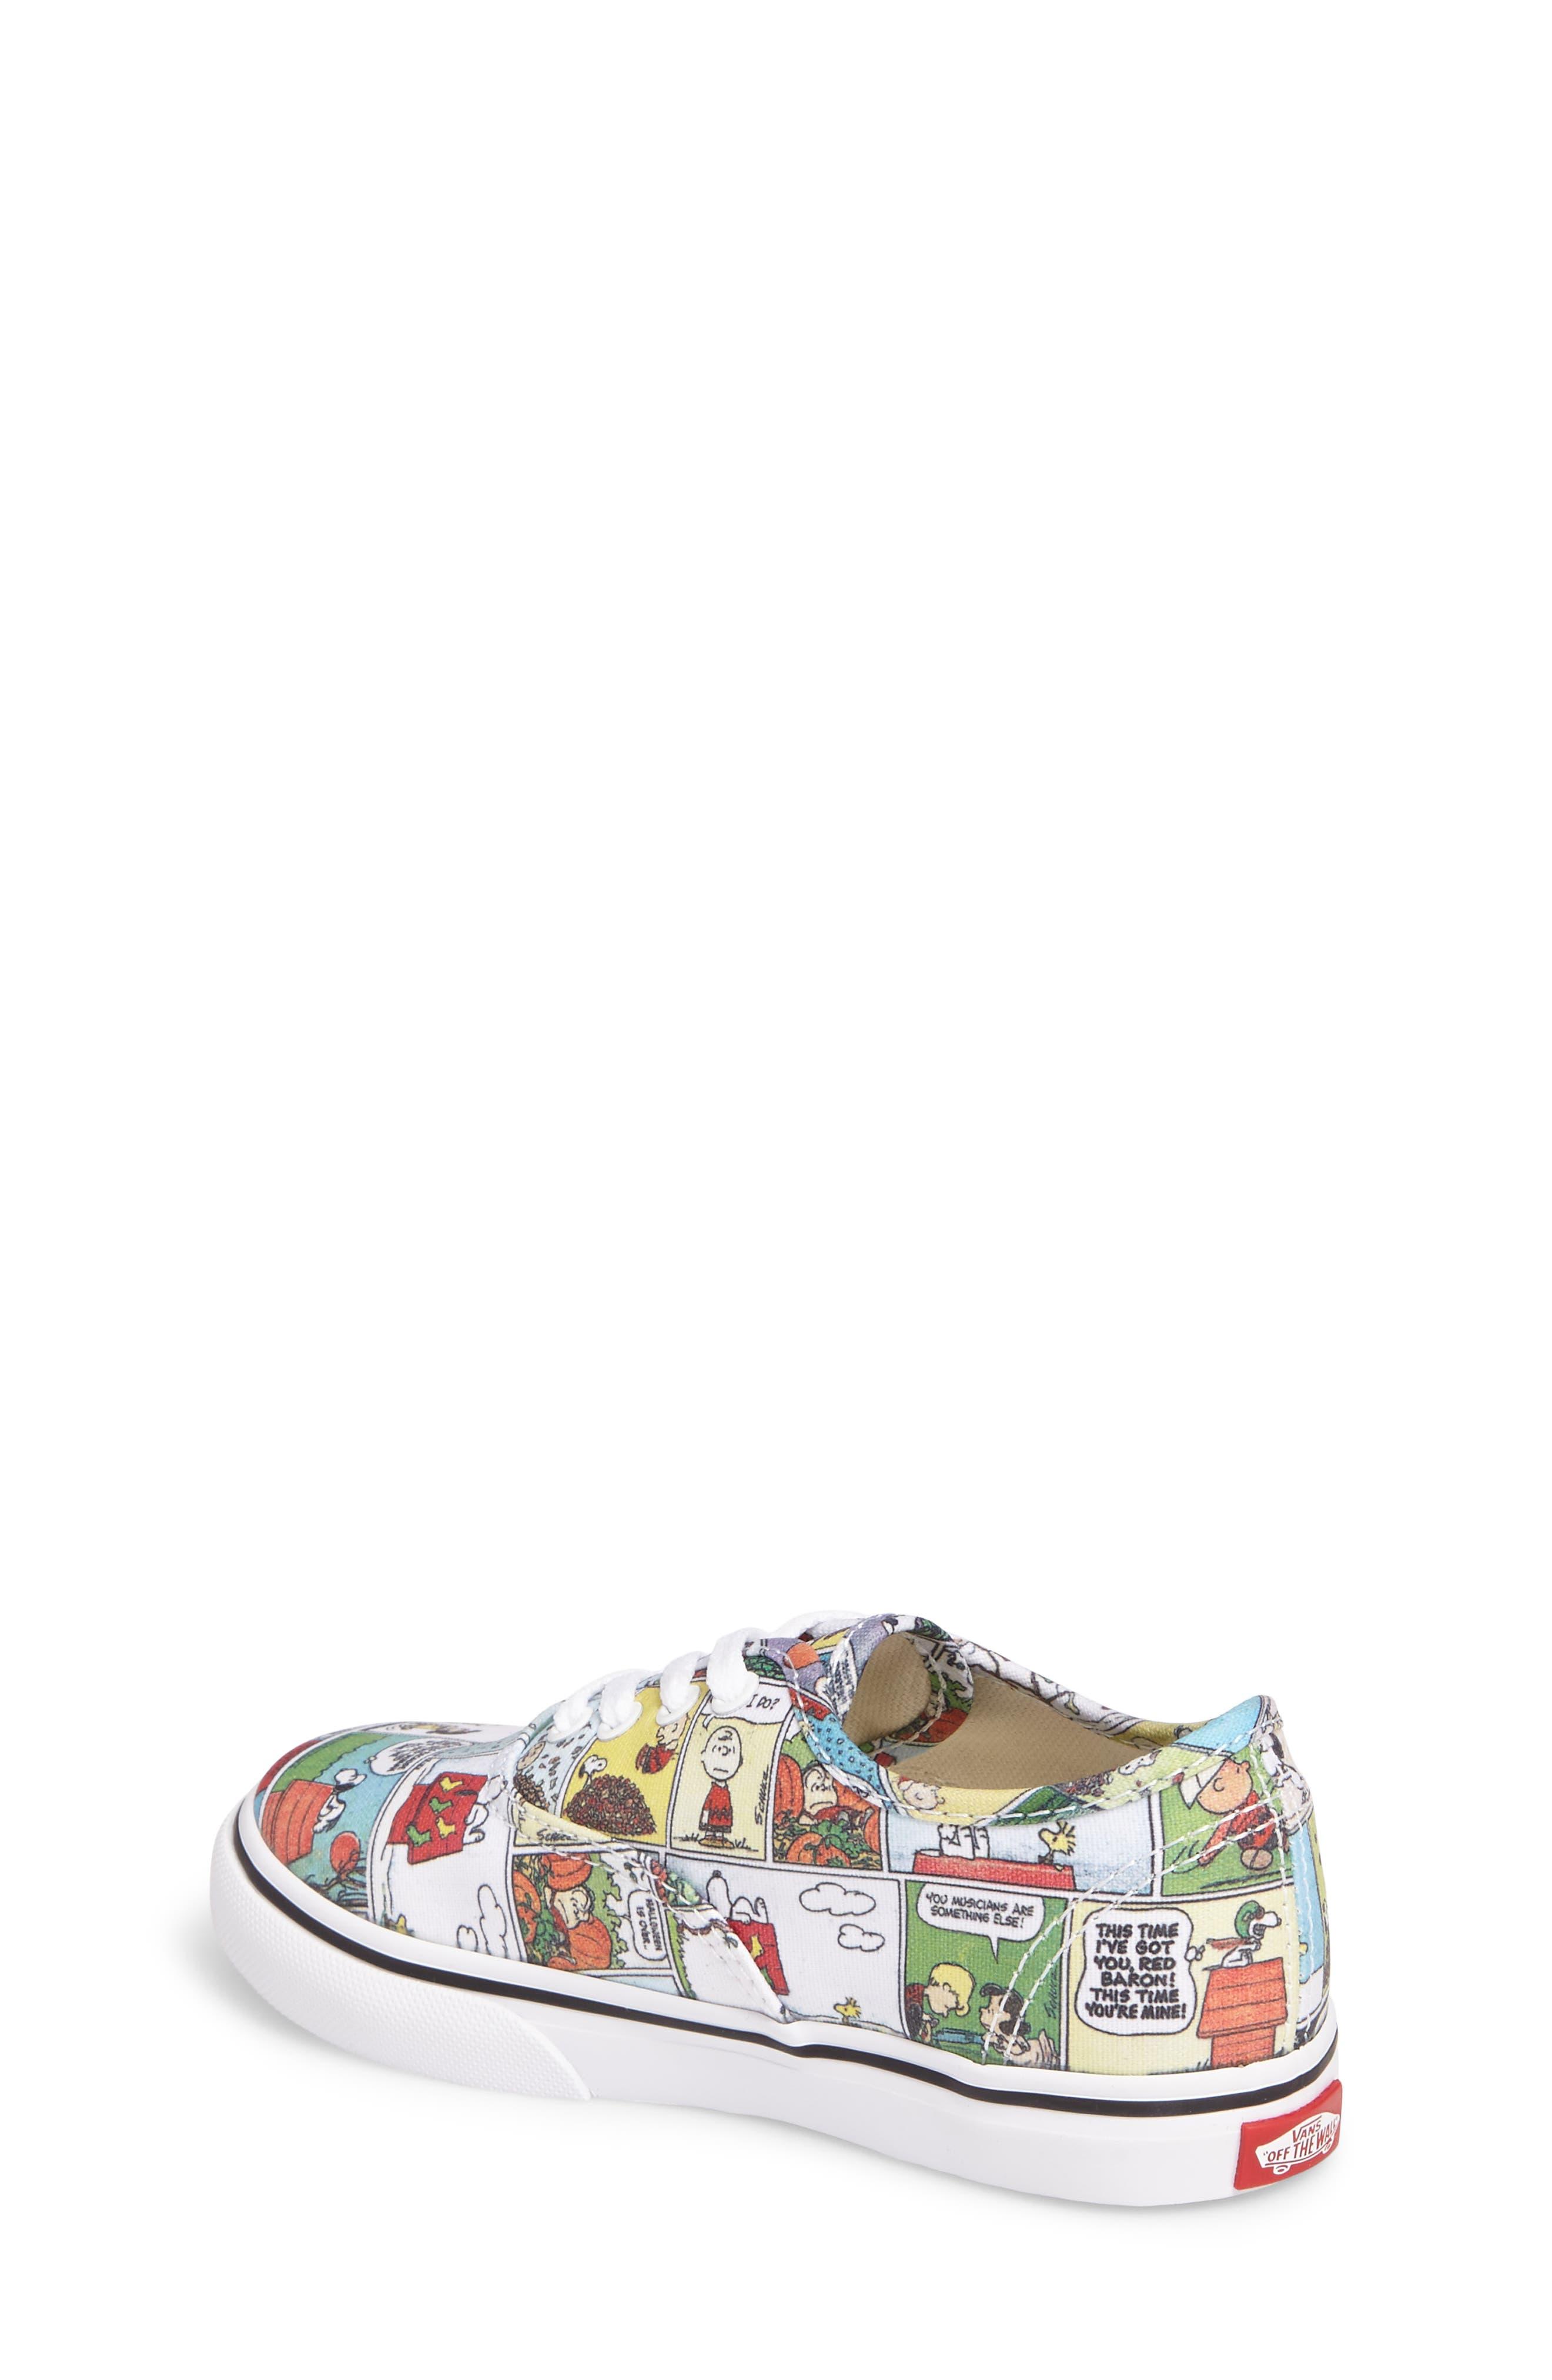 Alternate Image 2  - Vans x Peanuts Authentic Low Top Sneaker (Baby, Walker, Toddler, Little Kid & Big Kid)